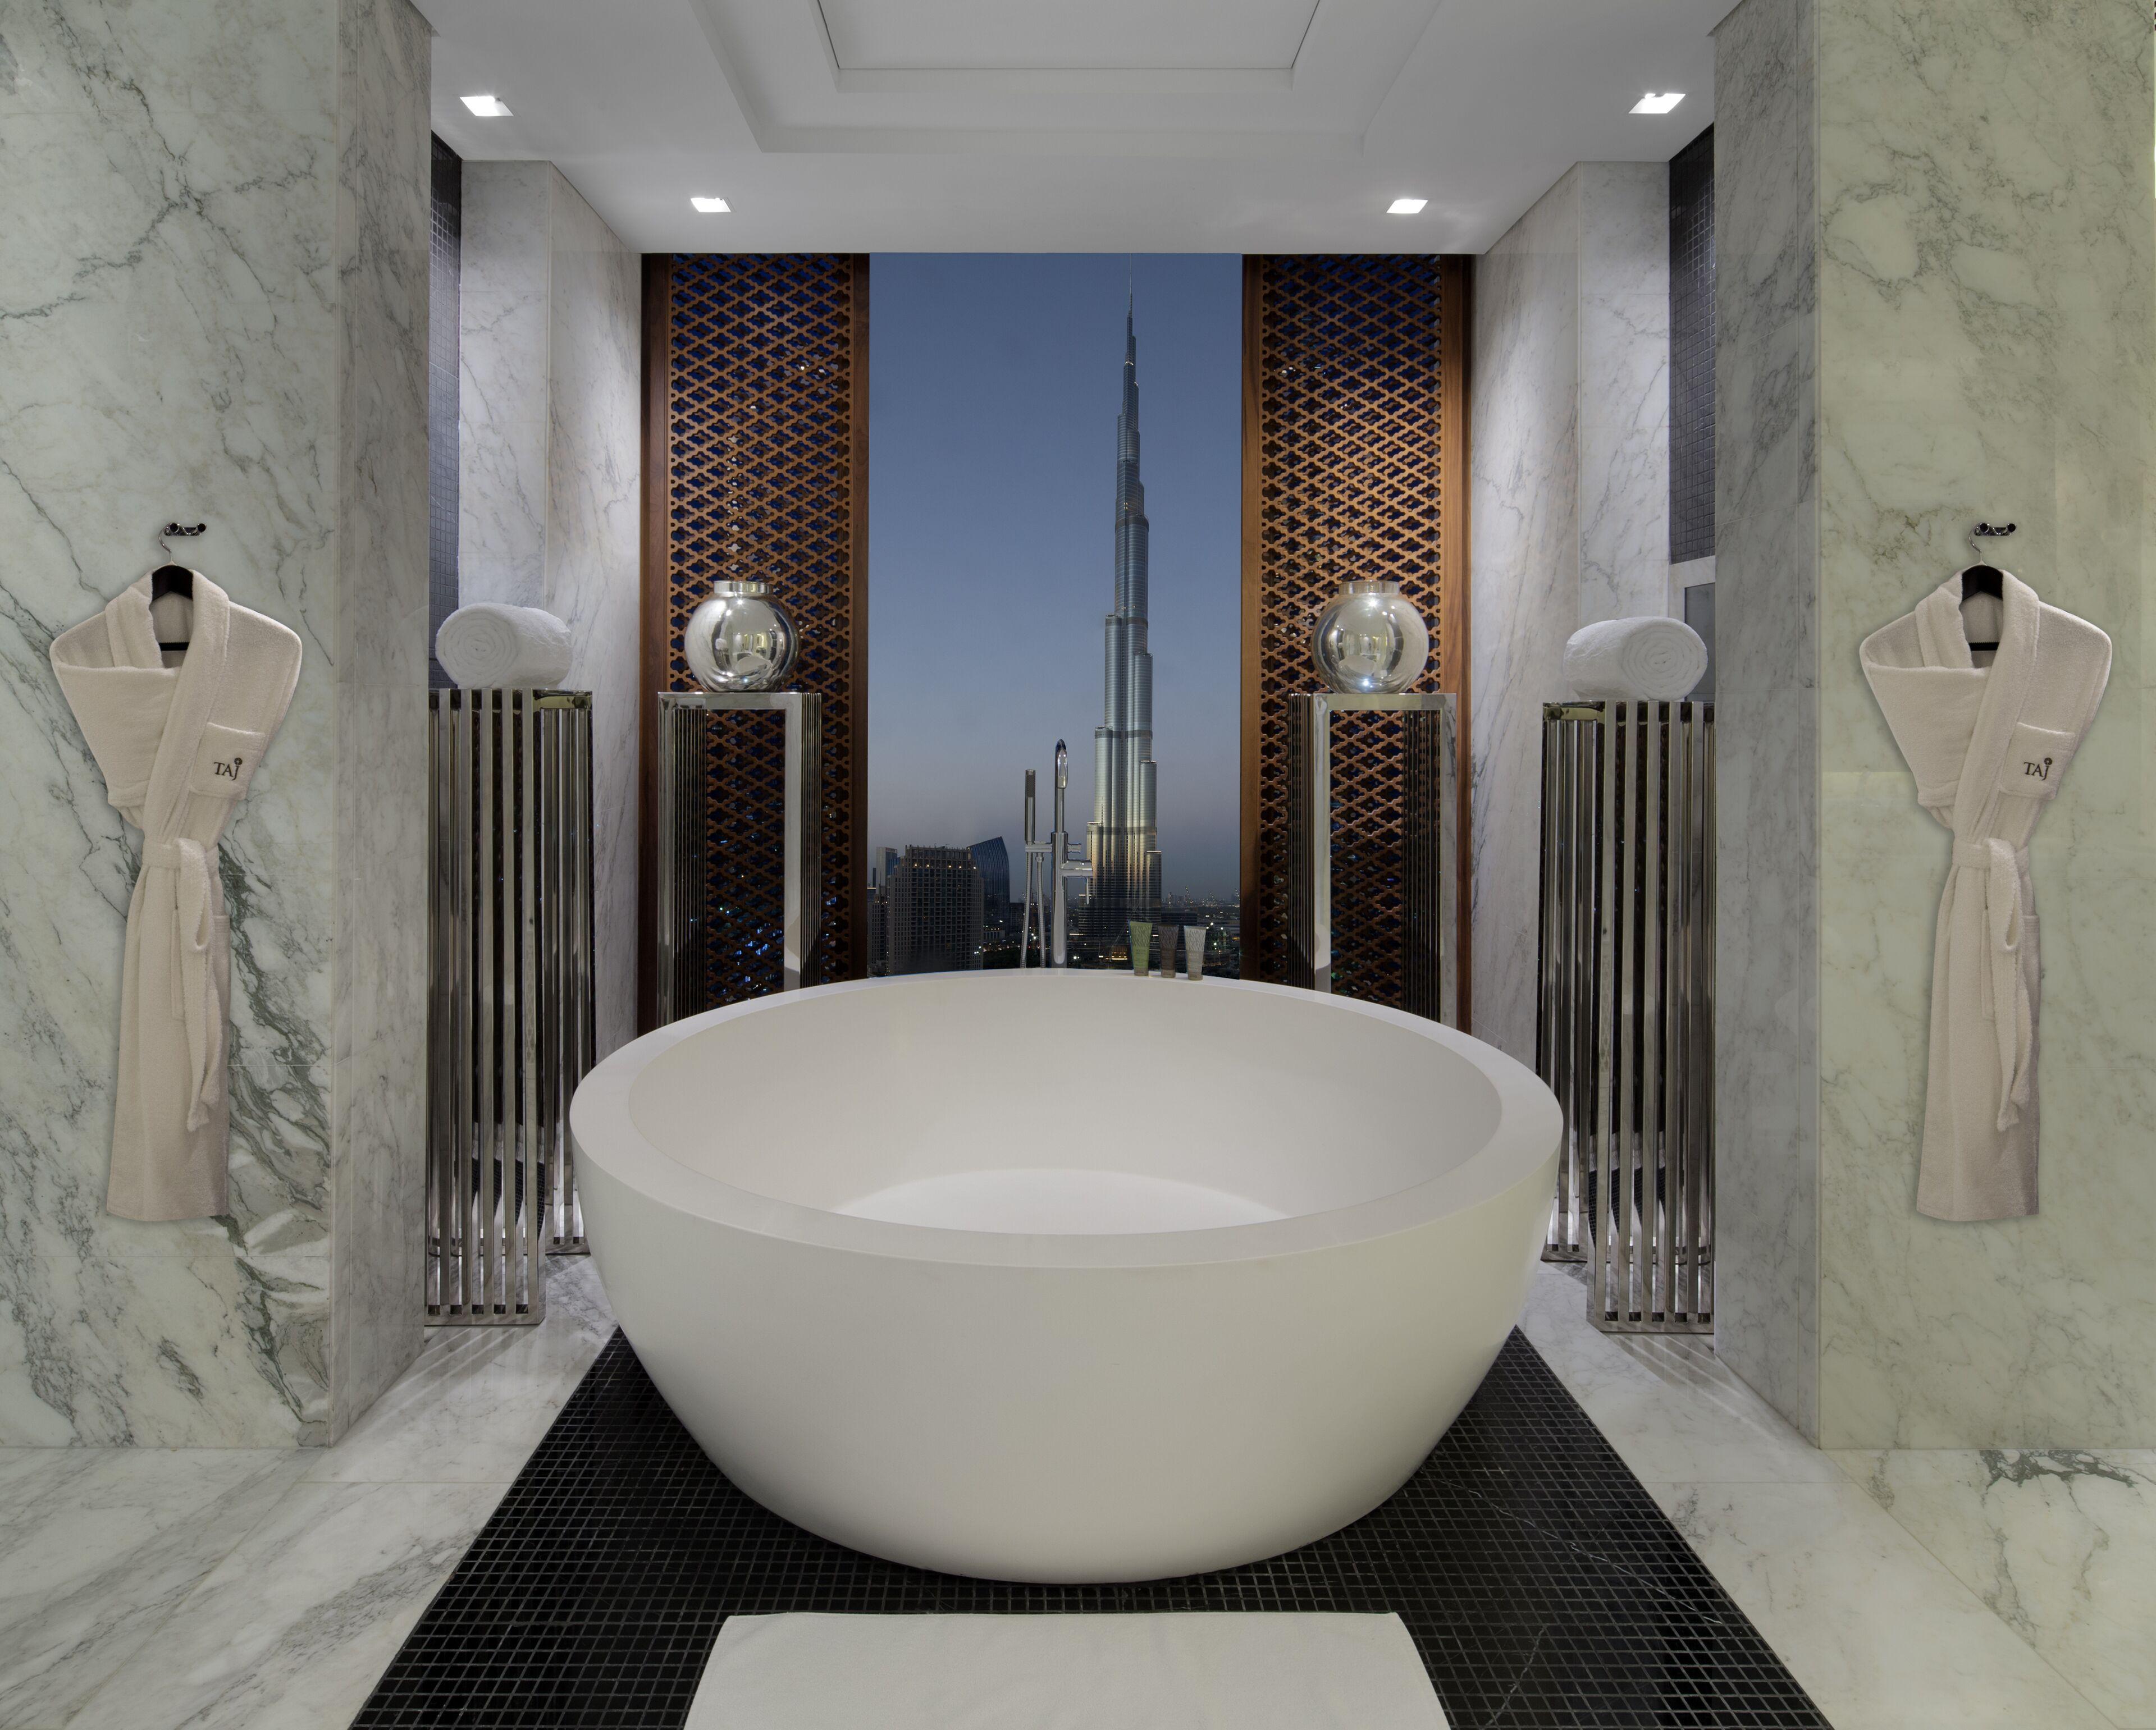 Courtesy of Taj Dubai / Expedia